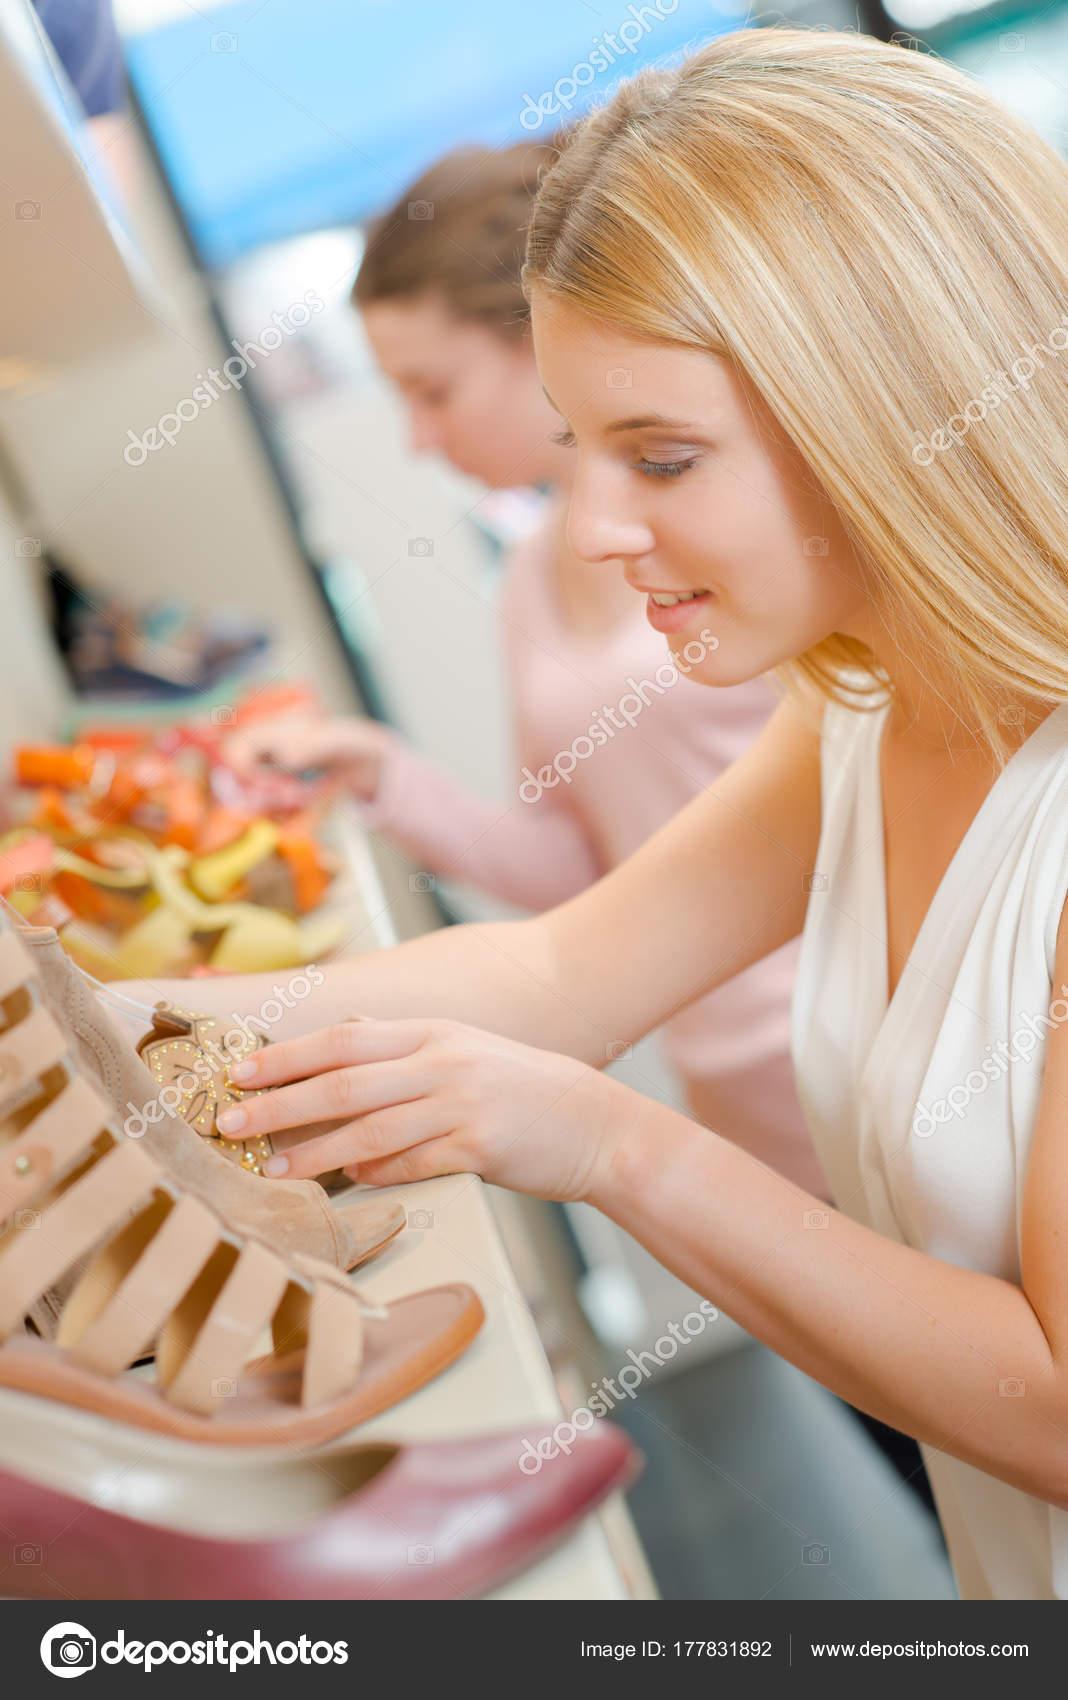 — Elegir © Stock Fotos Zapatos De 177831892 Photography33 Unos Nuevos BnrRtn